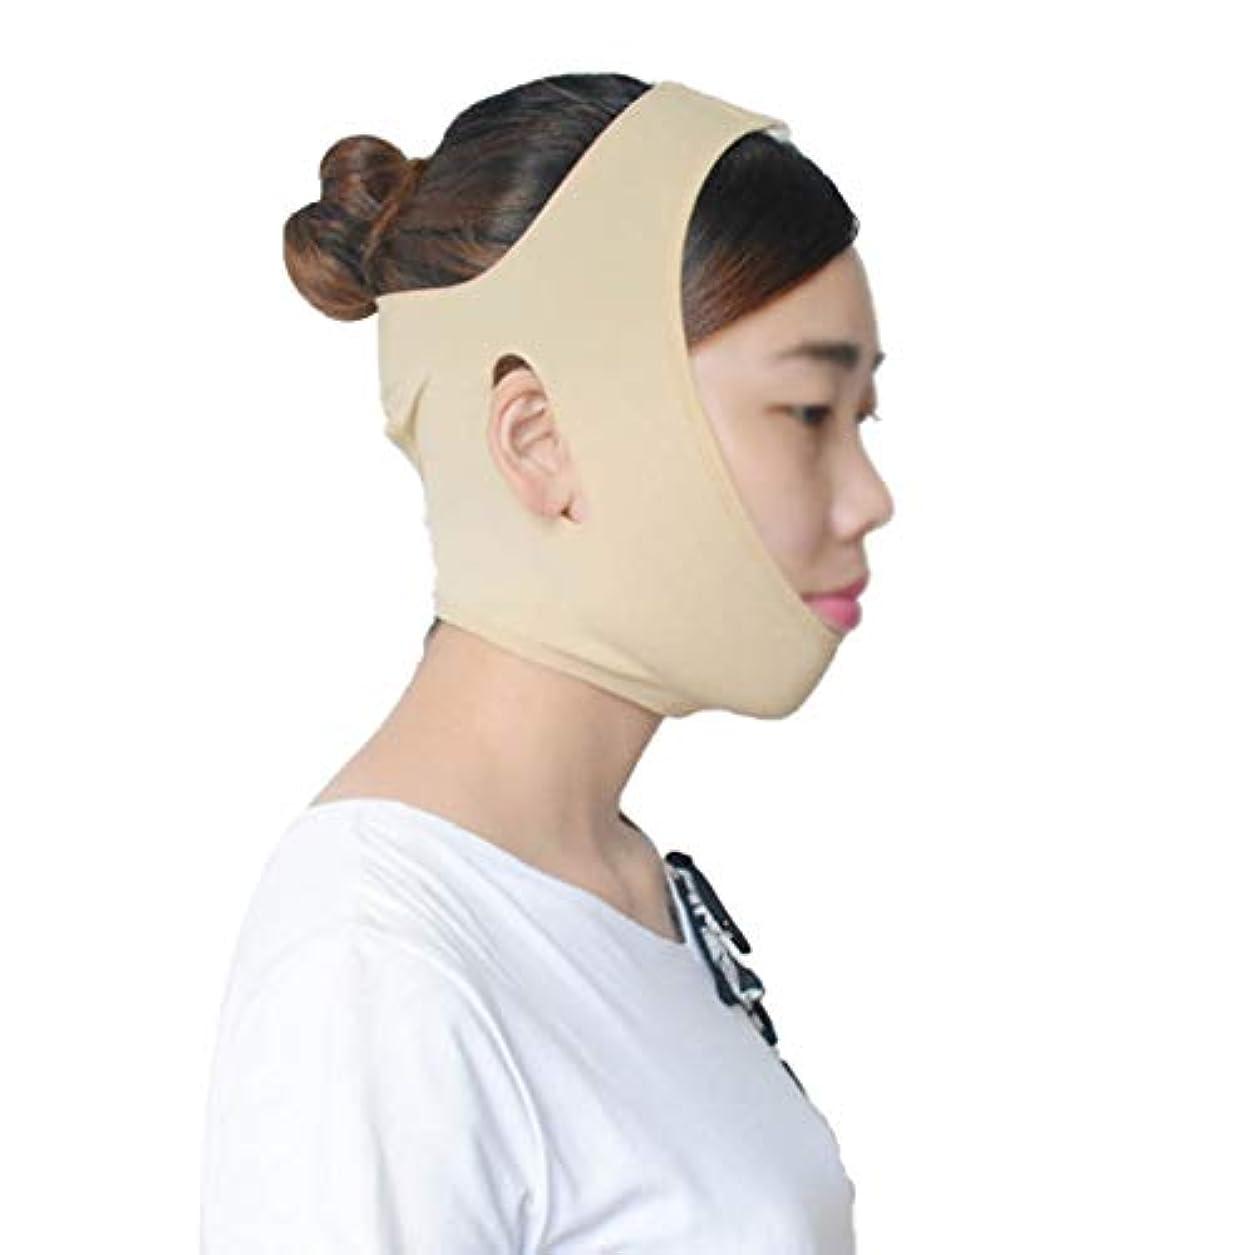 エッセイ部分ブレスXHLMRMJ 引き締めフェイスマスク、フェイスリフトマスク強力なフェイスリフティングツールフェイスビューティフェイスリフティングフェイスマスク引き締めフェイスリフティングフェイスリフティングフェイスリフティング包帯 (...